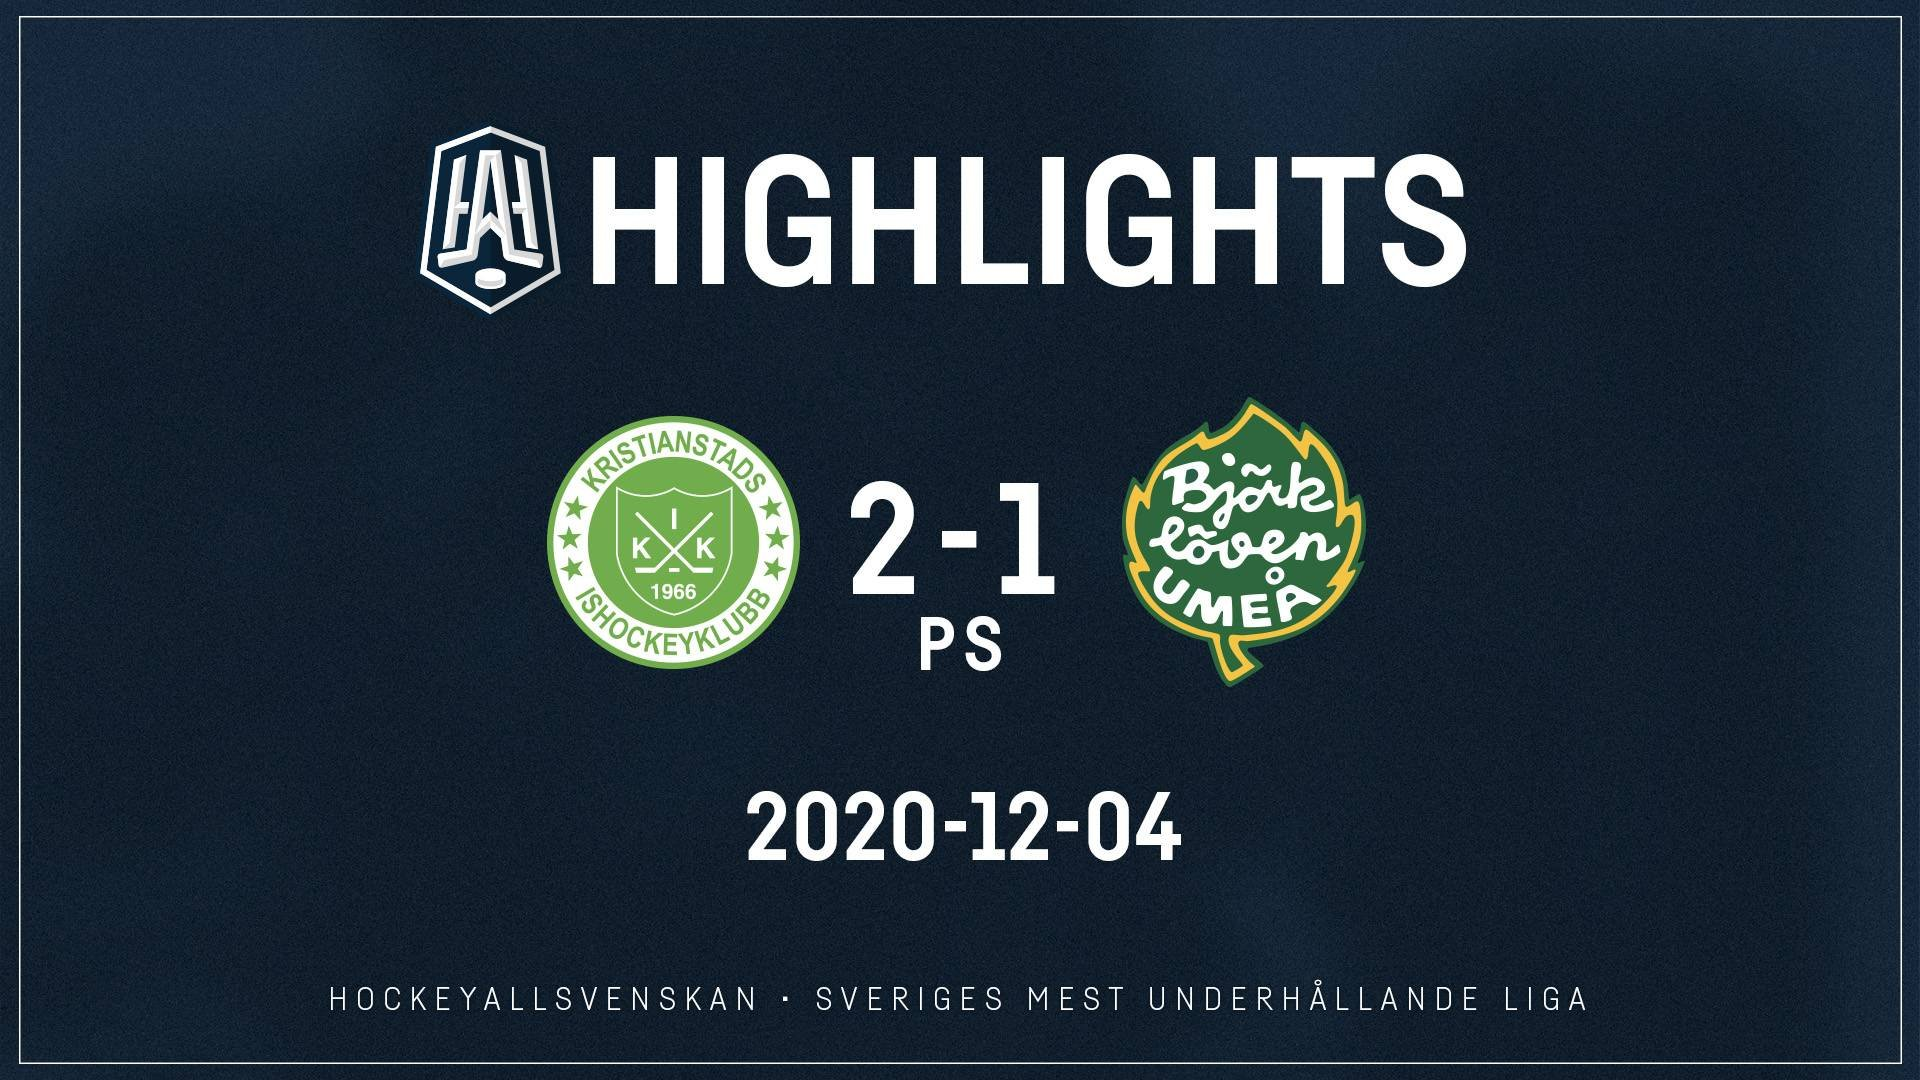 2020-12-04 Kristianstad - Björklöven 2-1 (PS)